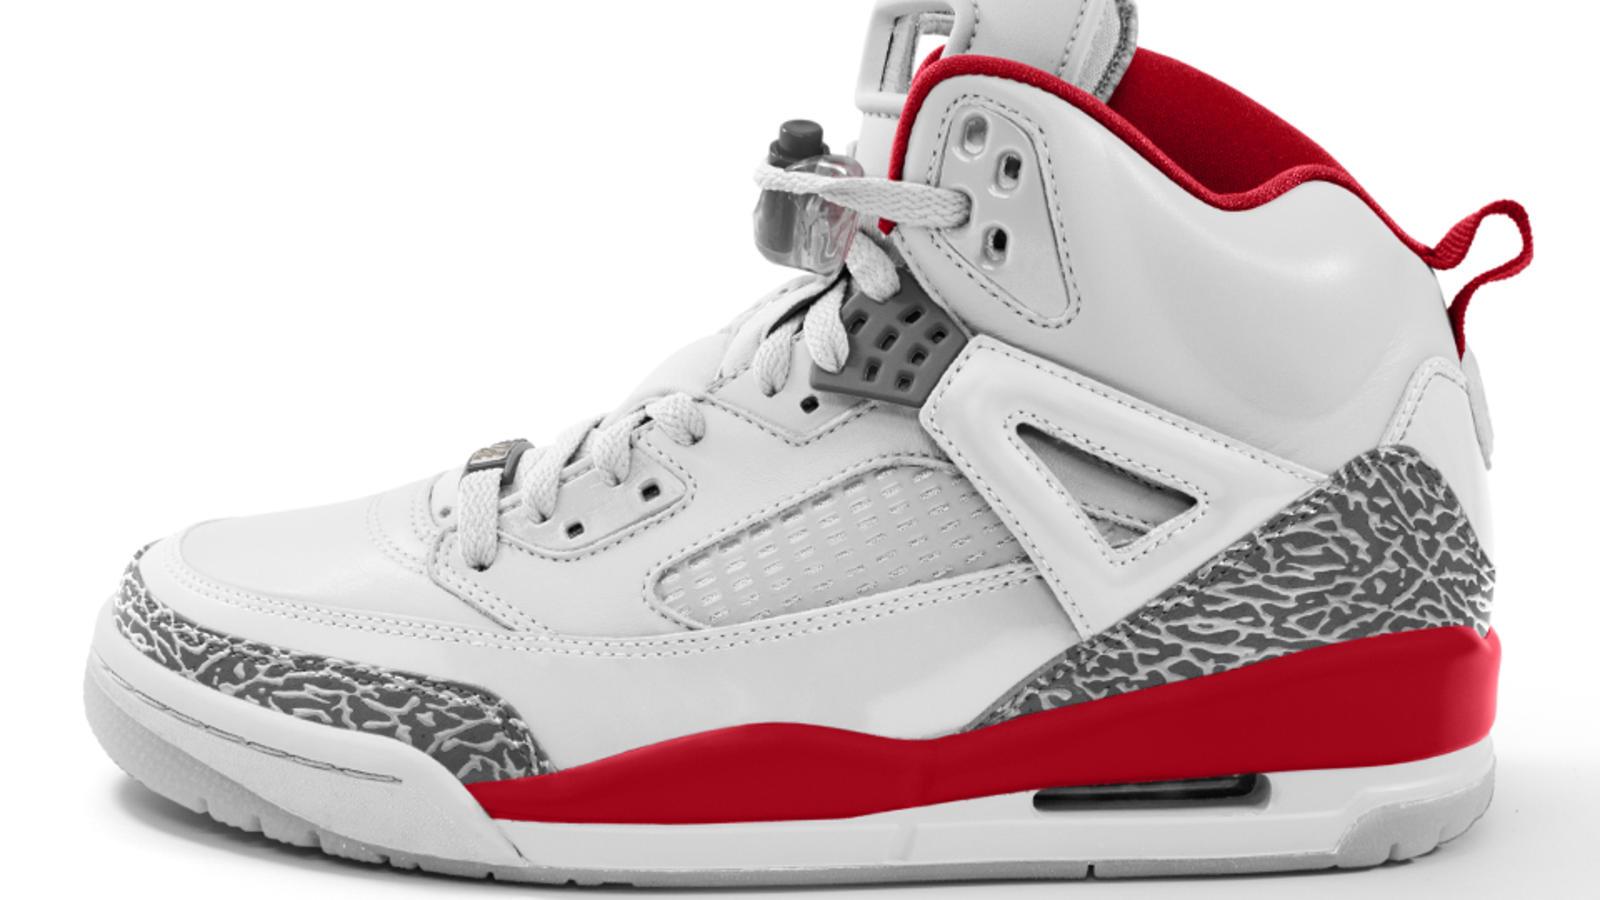 Jordania Spiz'ike En En Spiz'ike Nikeid Nike News ec0c07